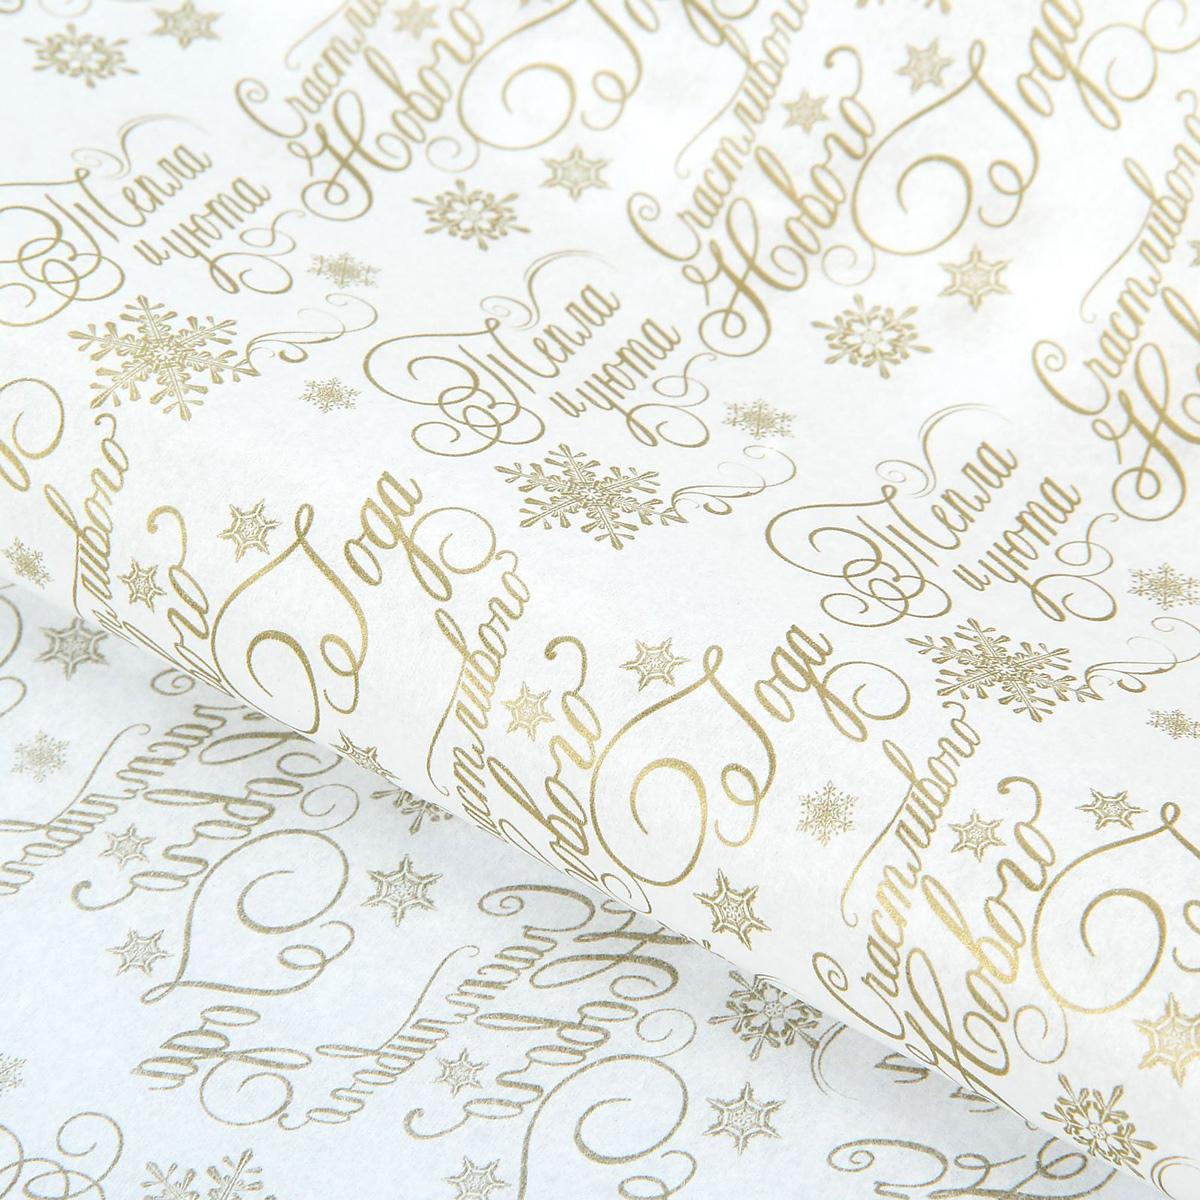 Бумага упаковочная Sima-land Тепла и уюта, тишью, цвет: белый, 50 х 70 см1386364Бумага упаковочная Sima-land - это стильный и модный тренд в декоре и упаковке. Она универсальна в оформлении любой продукции и подарка и сделает даже обычный презент заметным, приятным и стильным.